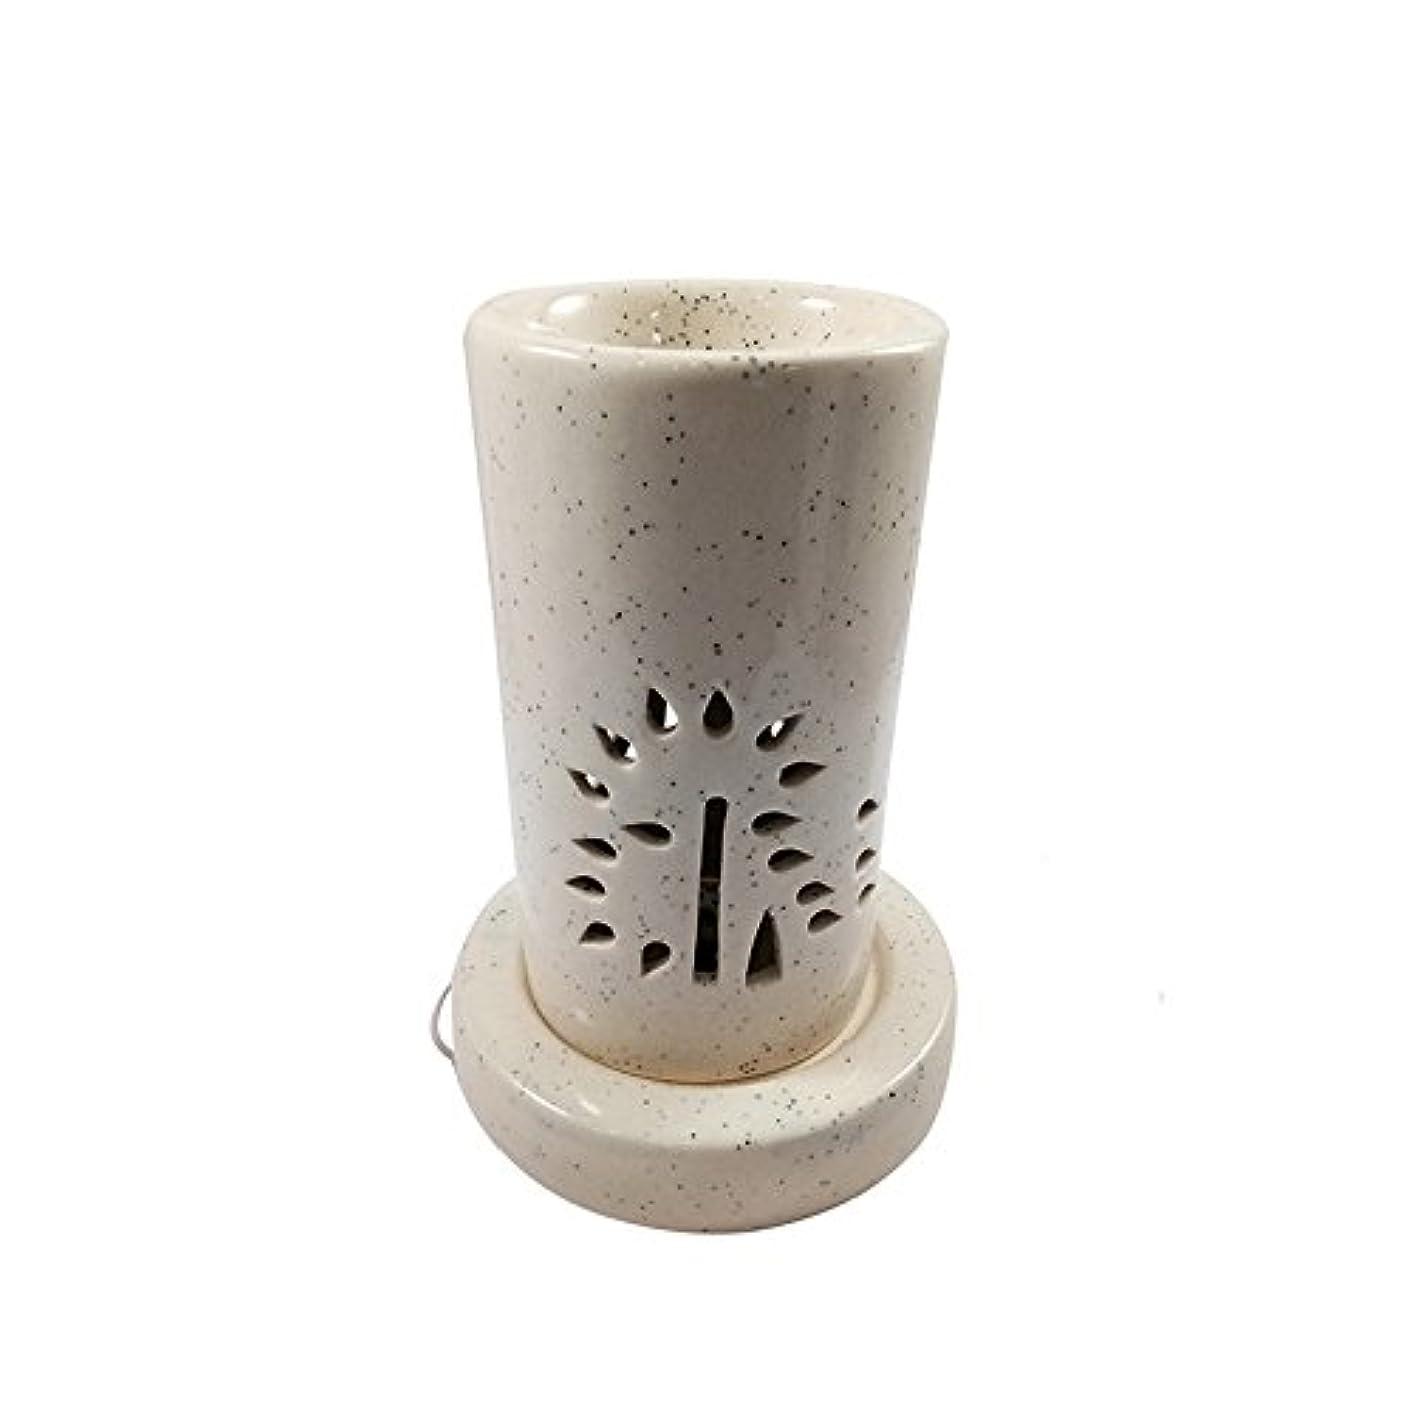 マッサージ朝の体操をする解決ホームデコレーション定期的に使用する汚染のない手作りセラミックエスニックアロマディフューザーオイルバーナー|良質ブラウン色電気アロマテラピー香油暖かい数量1